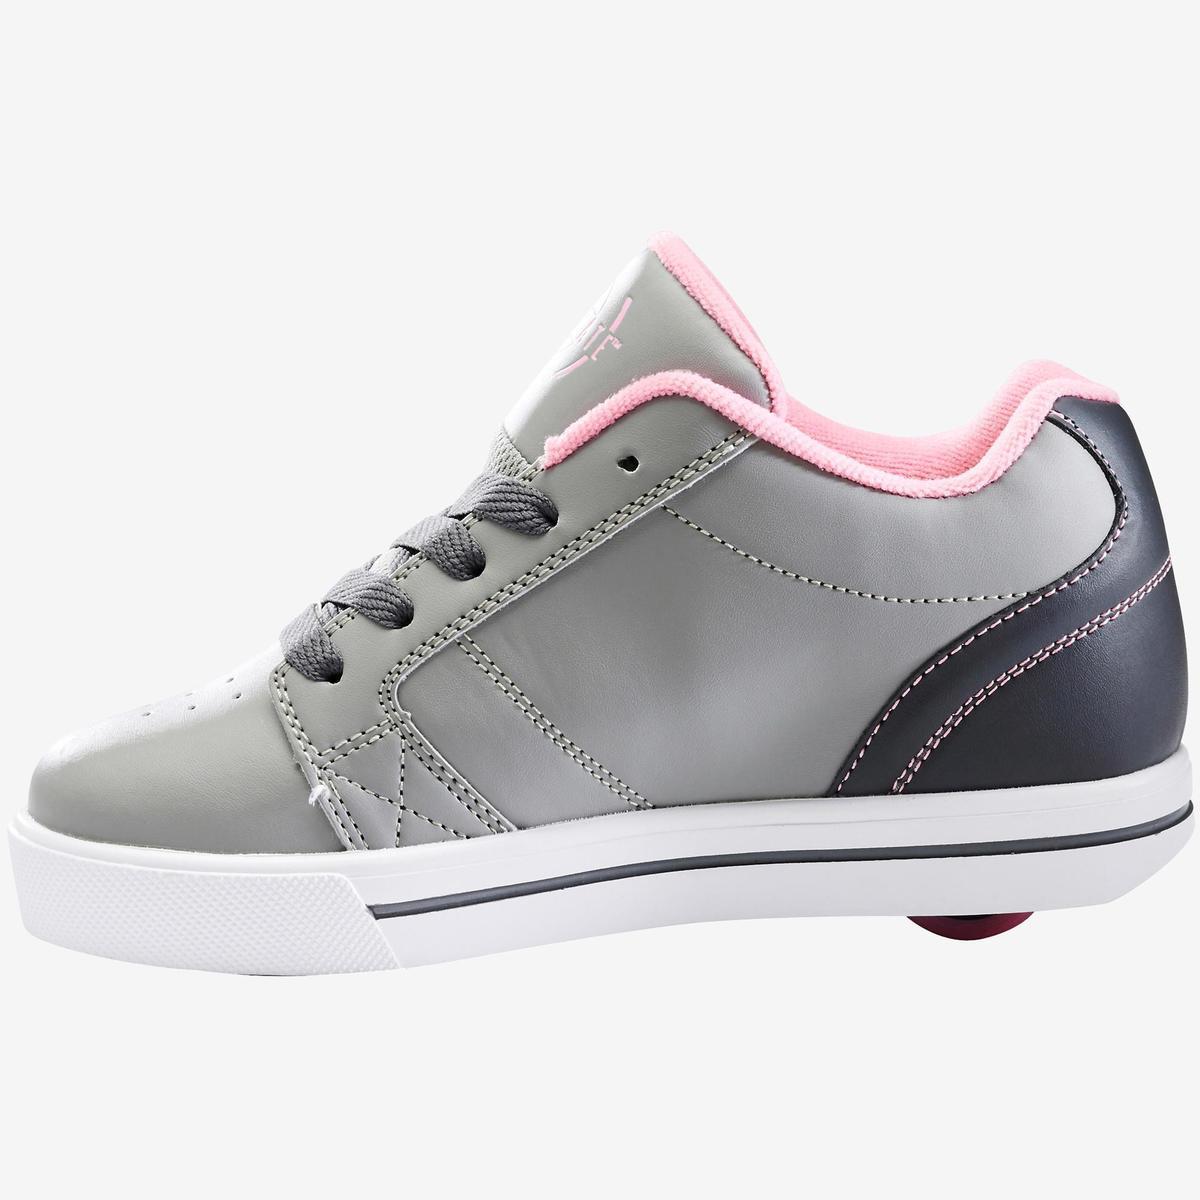 Bild 4 von Heelys Skate-Mate Mädchen grau/pink